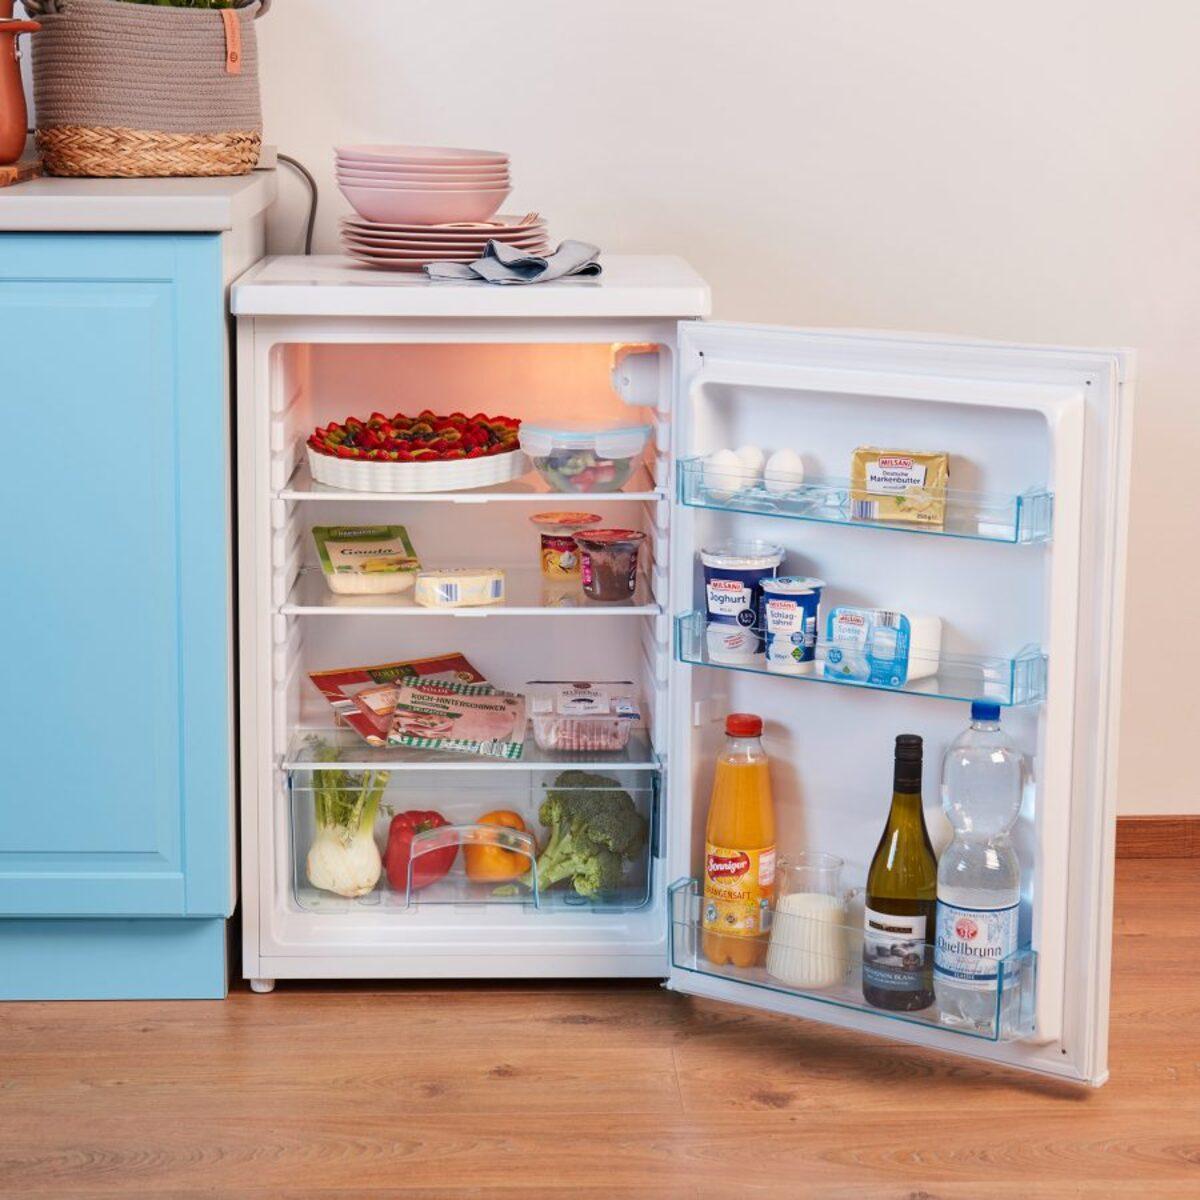 Bild 3 von QUIGG     Vollraum-Kühlschrank MD 13854